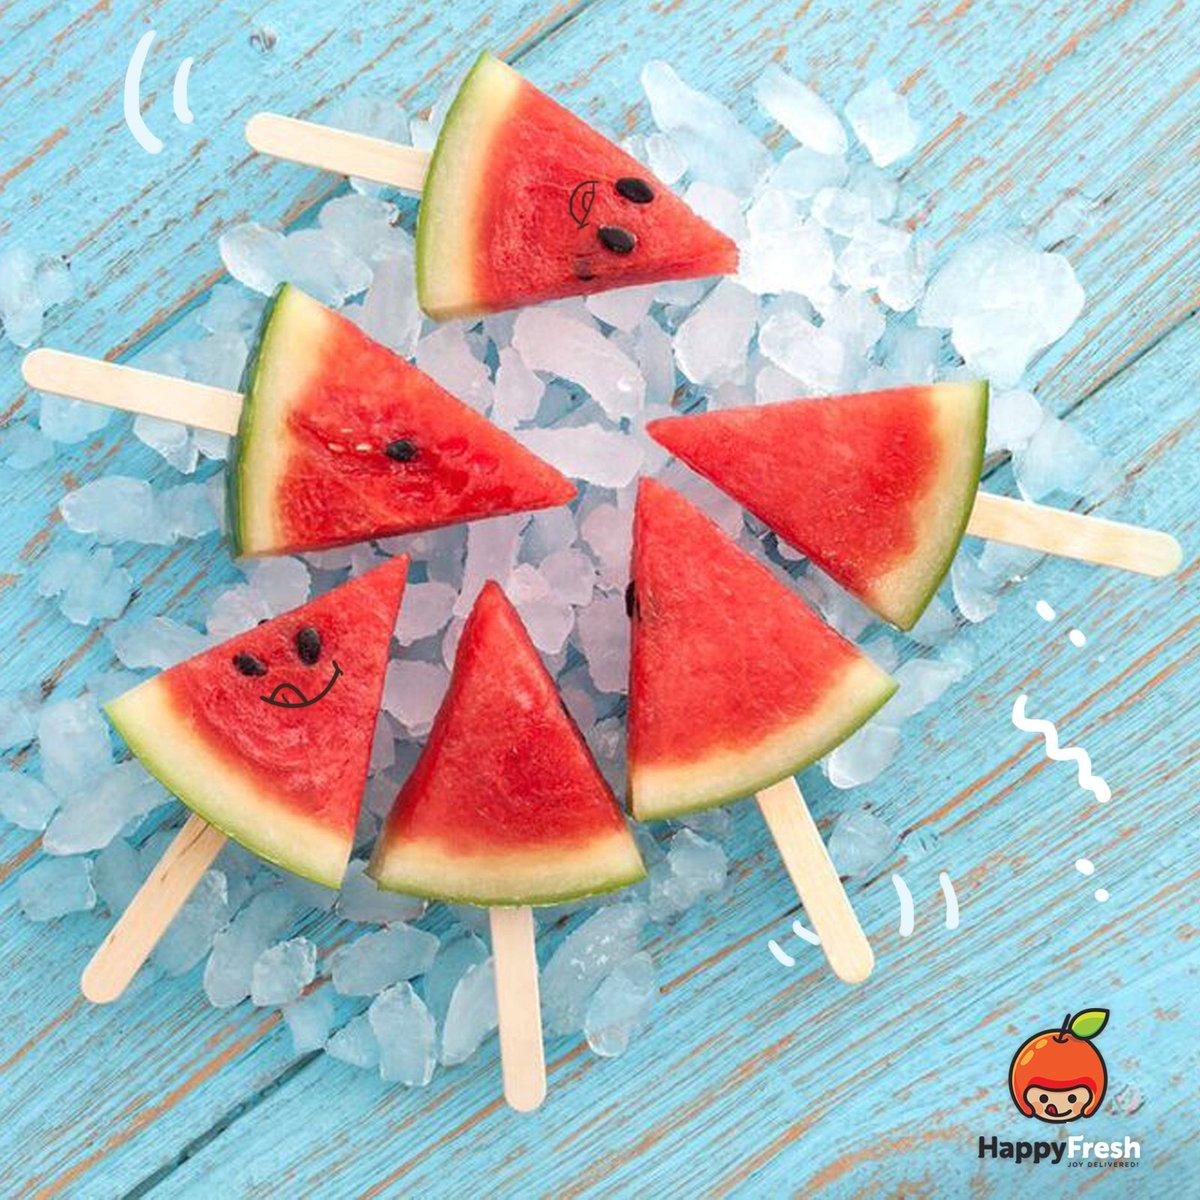 หวานชื่นใจแถมมีแคลอรี่ต่ำ กินแตงโมกัน!  https://t.co/LhiVookvlu #GroceriesShopping #HappyFresh #Cleanfood #Healthy https://t.co/32BzDpIIW8